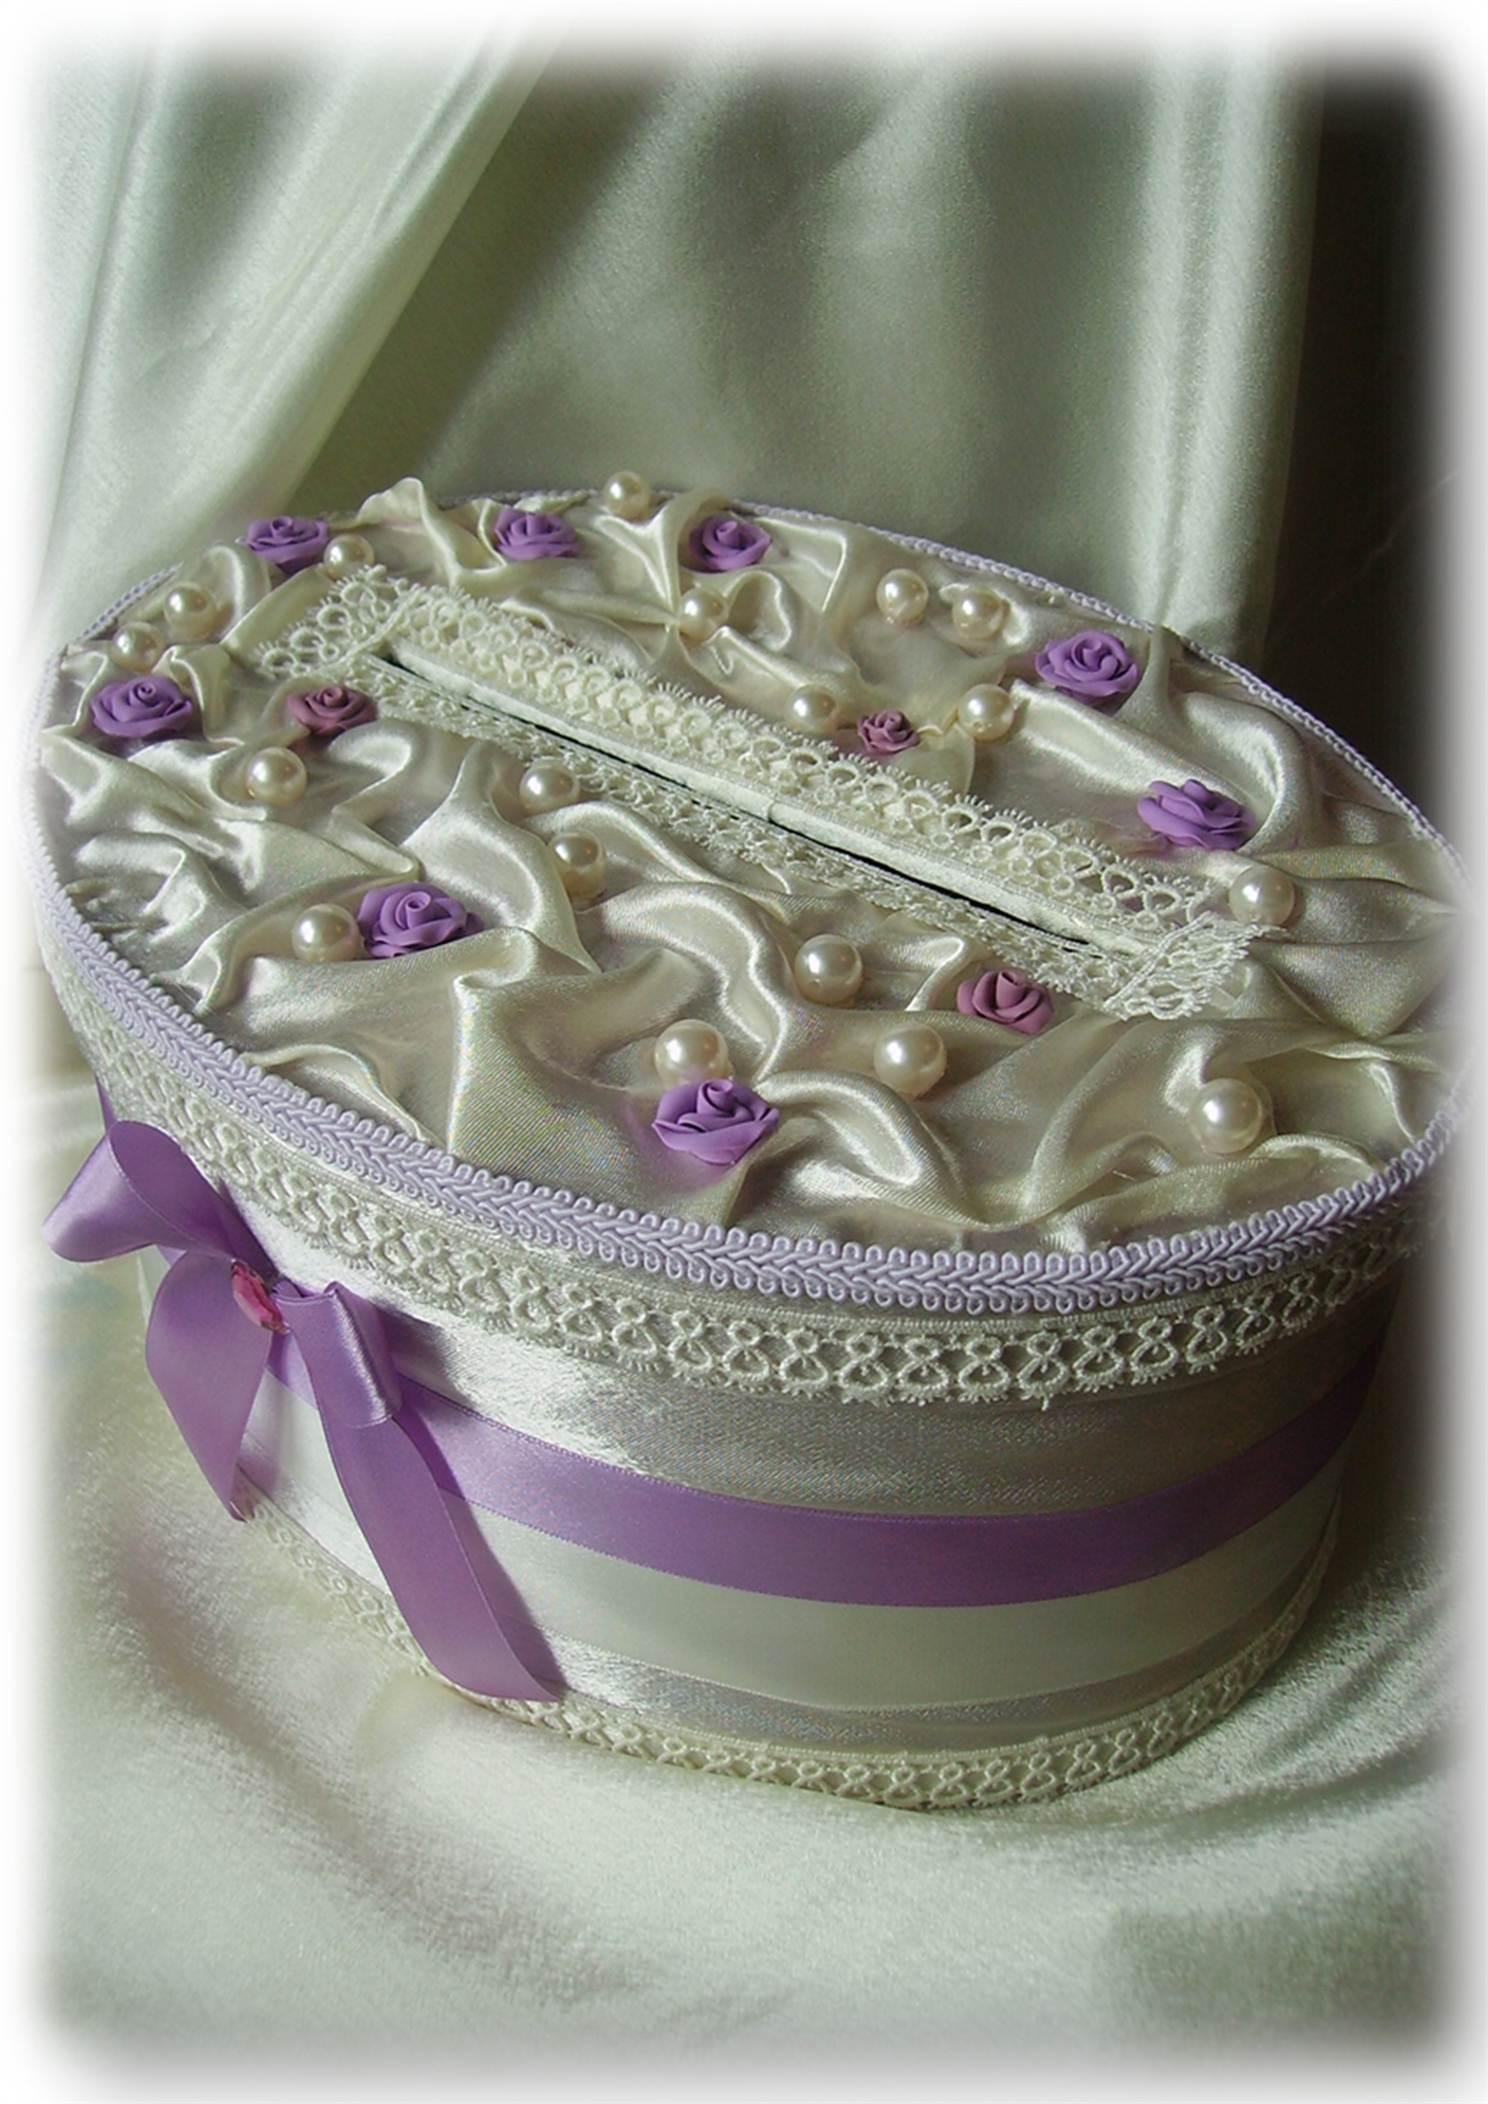 Шкатулка для колец на свадьбу – необходимость или излишество?